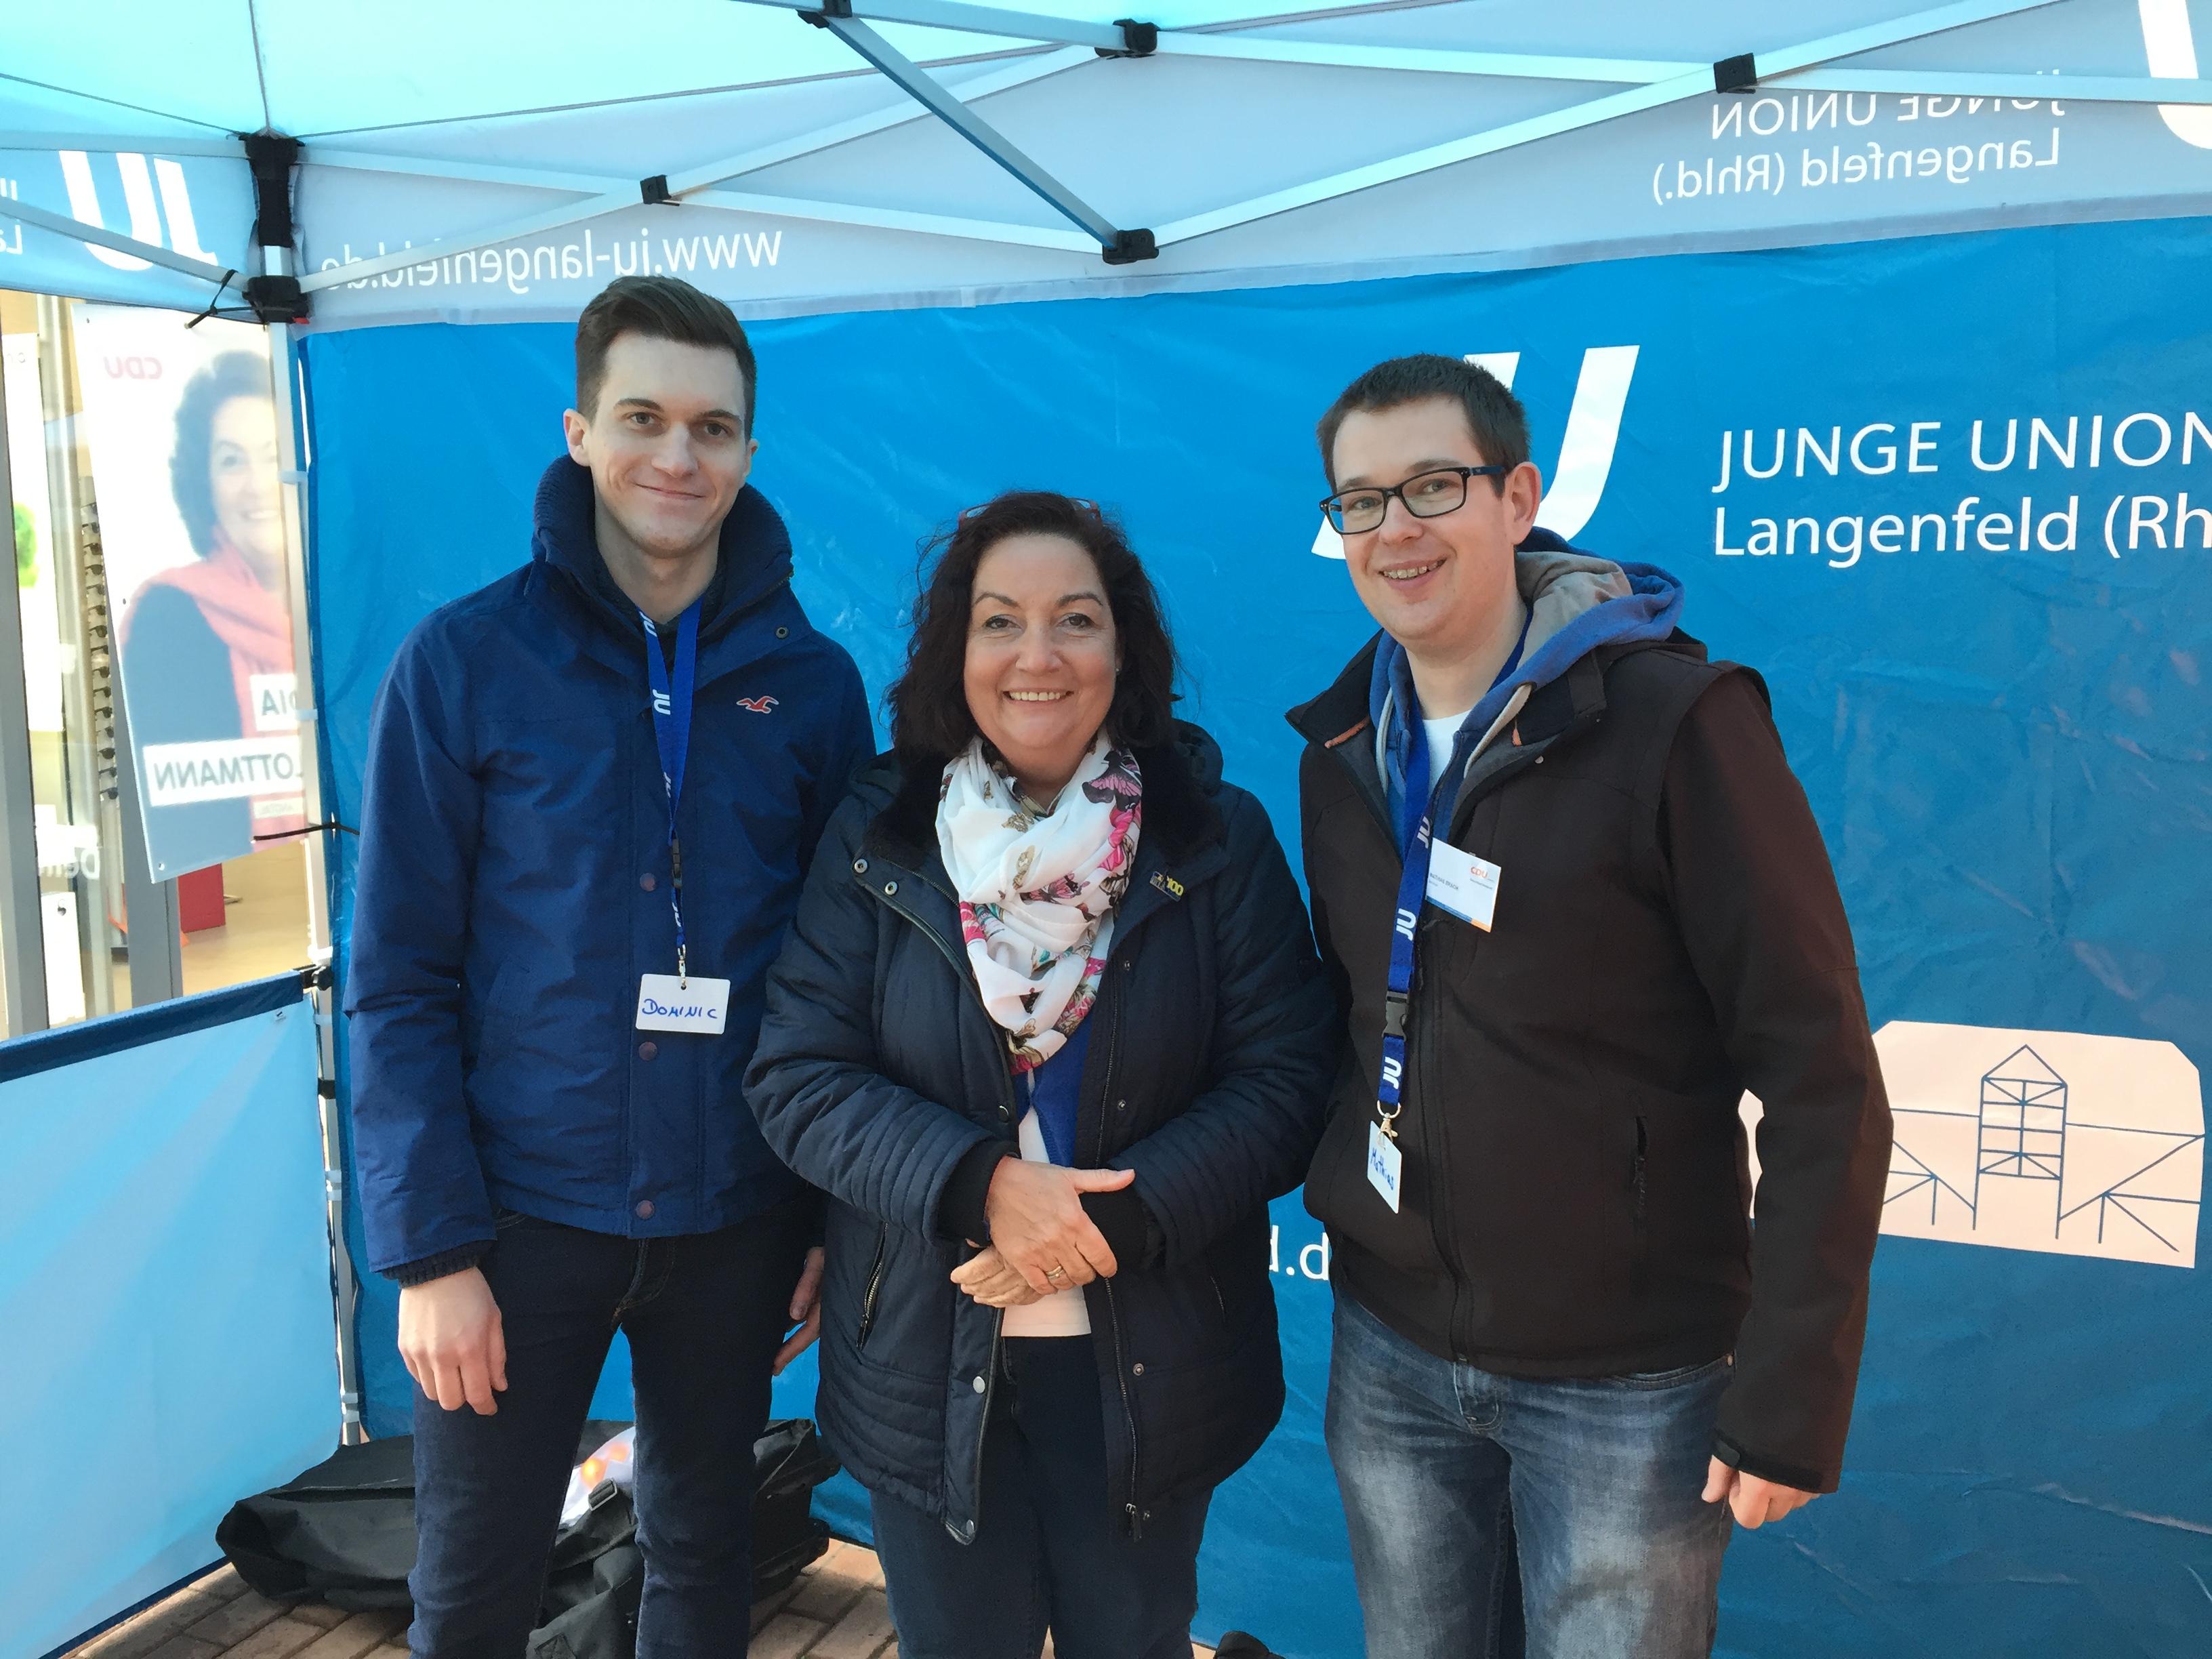 Kurz notiert: Erfolgreiche Ostereierverteilaktion der JU Langenfeld und der CDU Immigrath